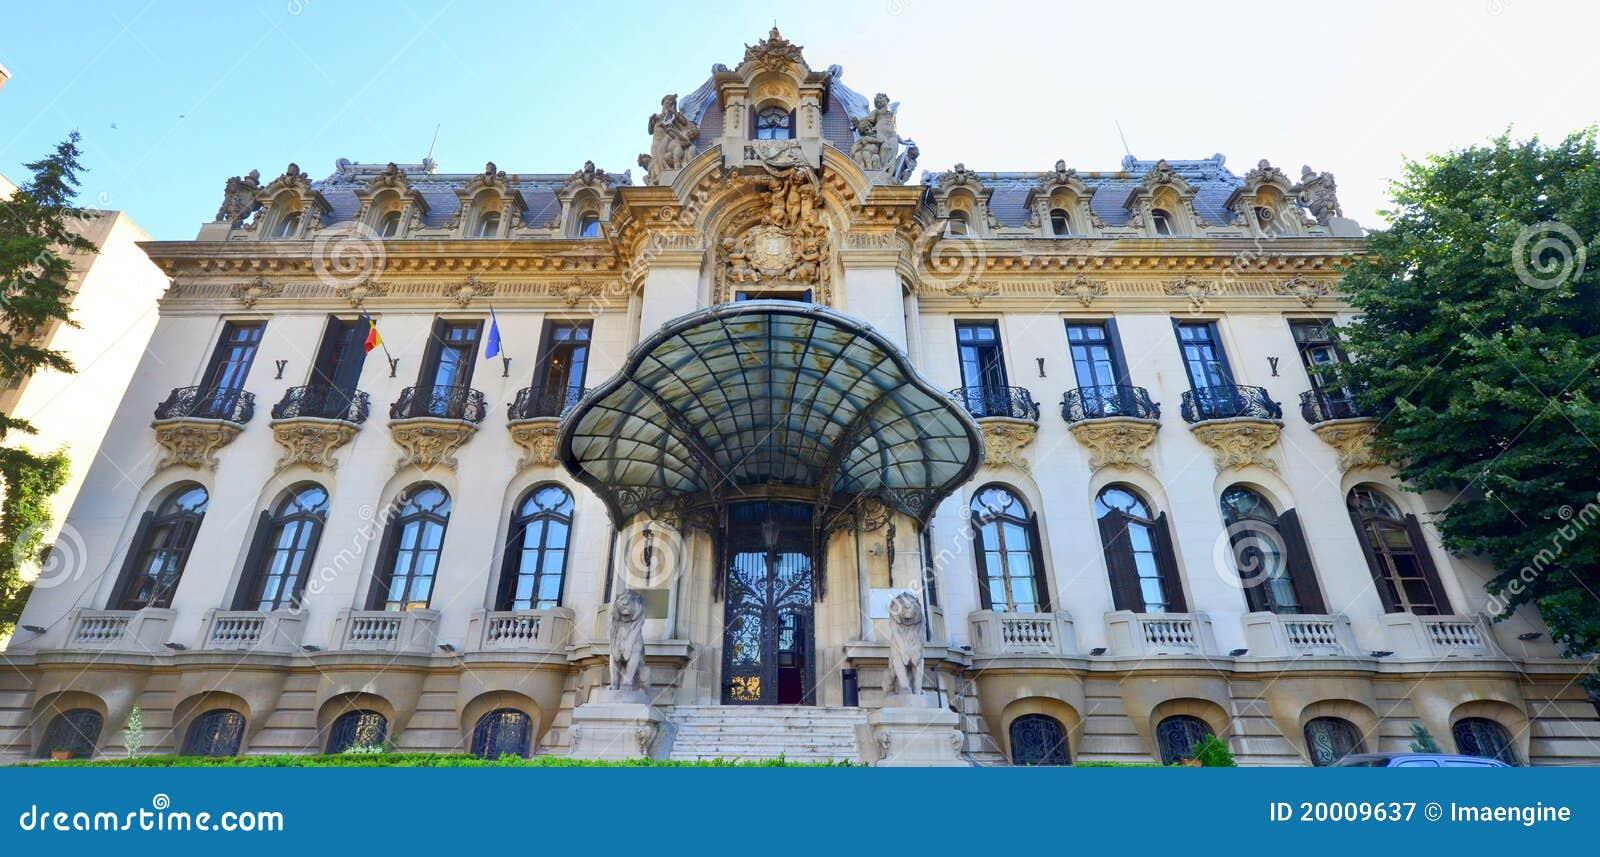 George Enescu museum in Bucharest, Romania